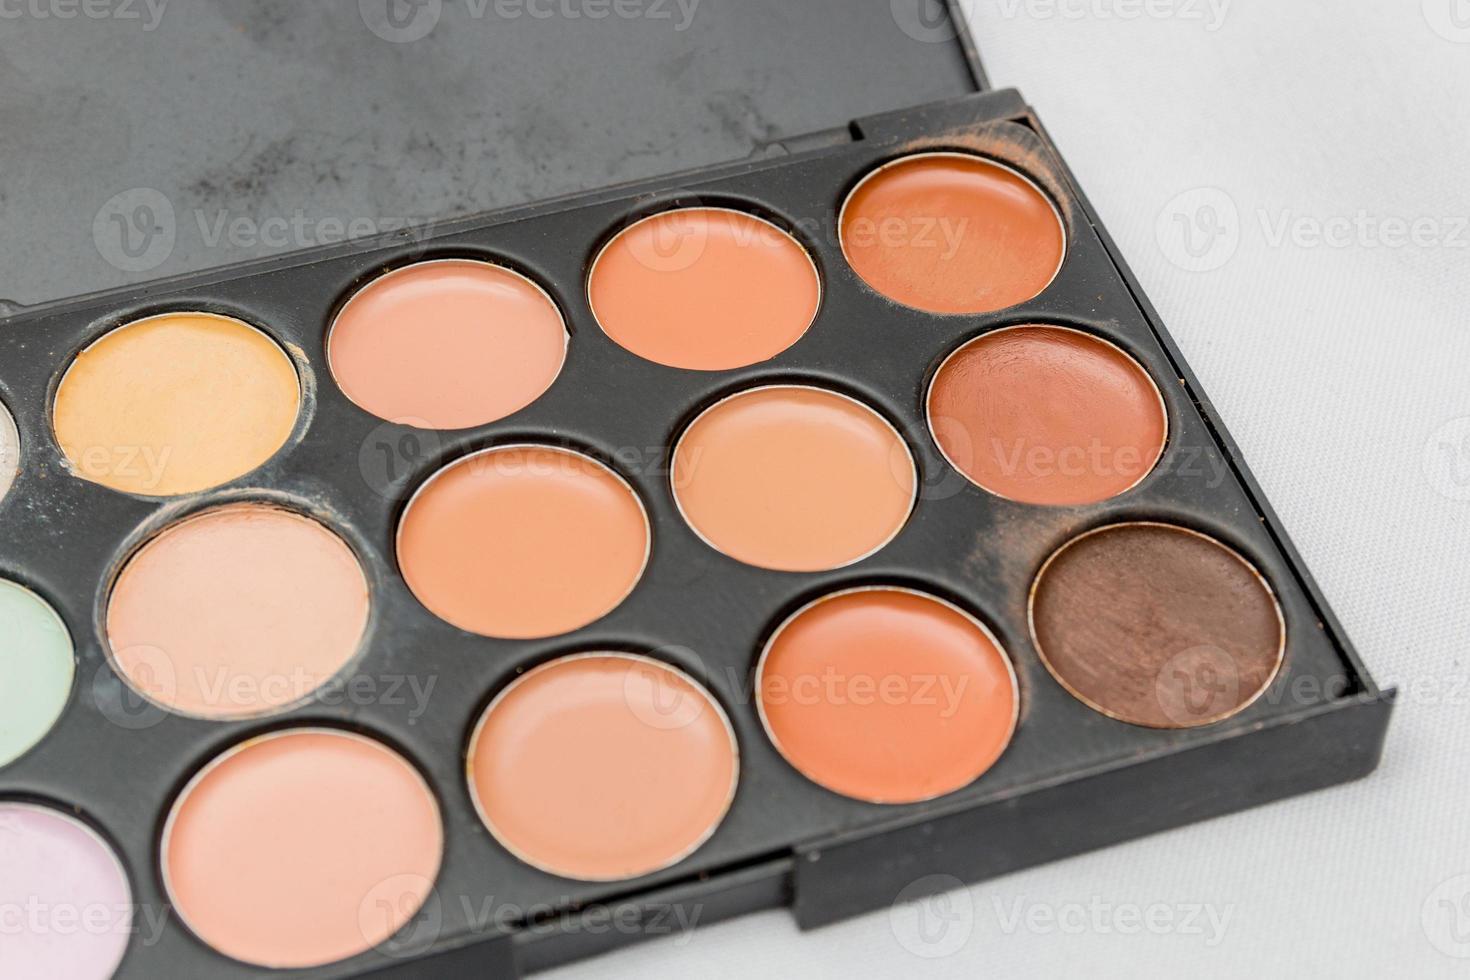 Maquillaje, paleta de sombras de ojos sobre un fondo blanco. foto